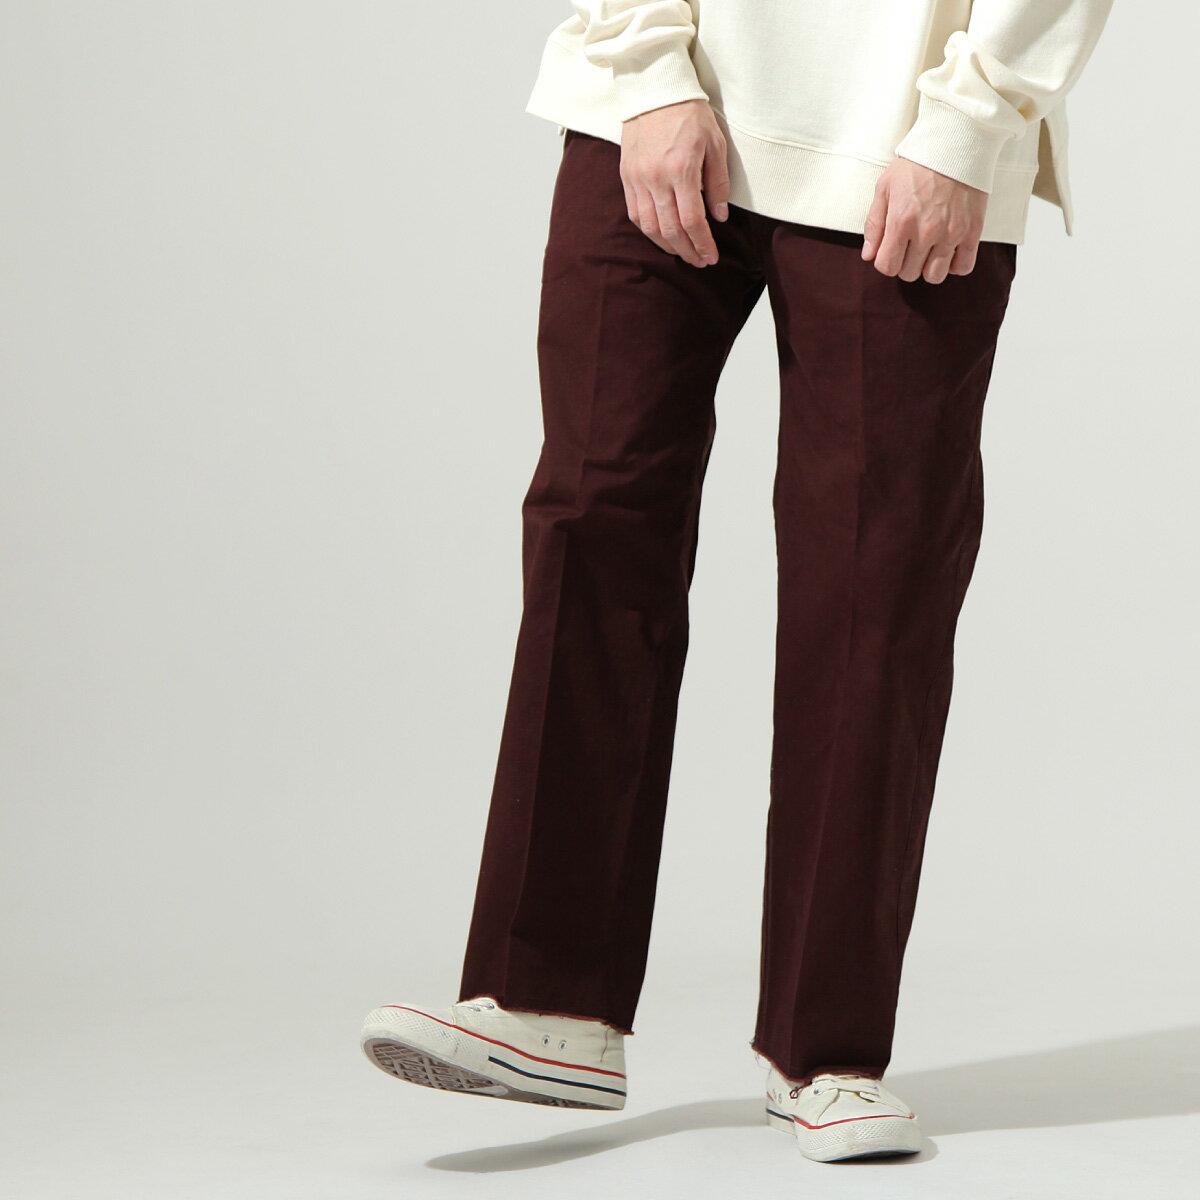 【New】ZIP 素色寬褲 立體折線 8